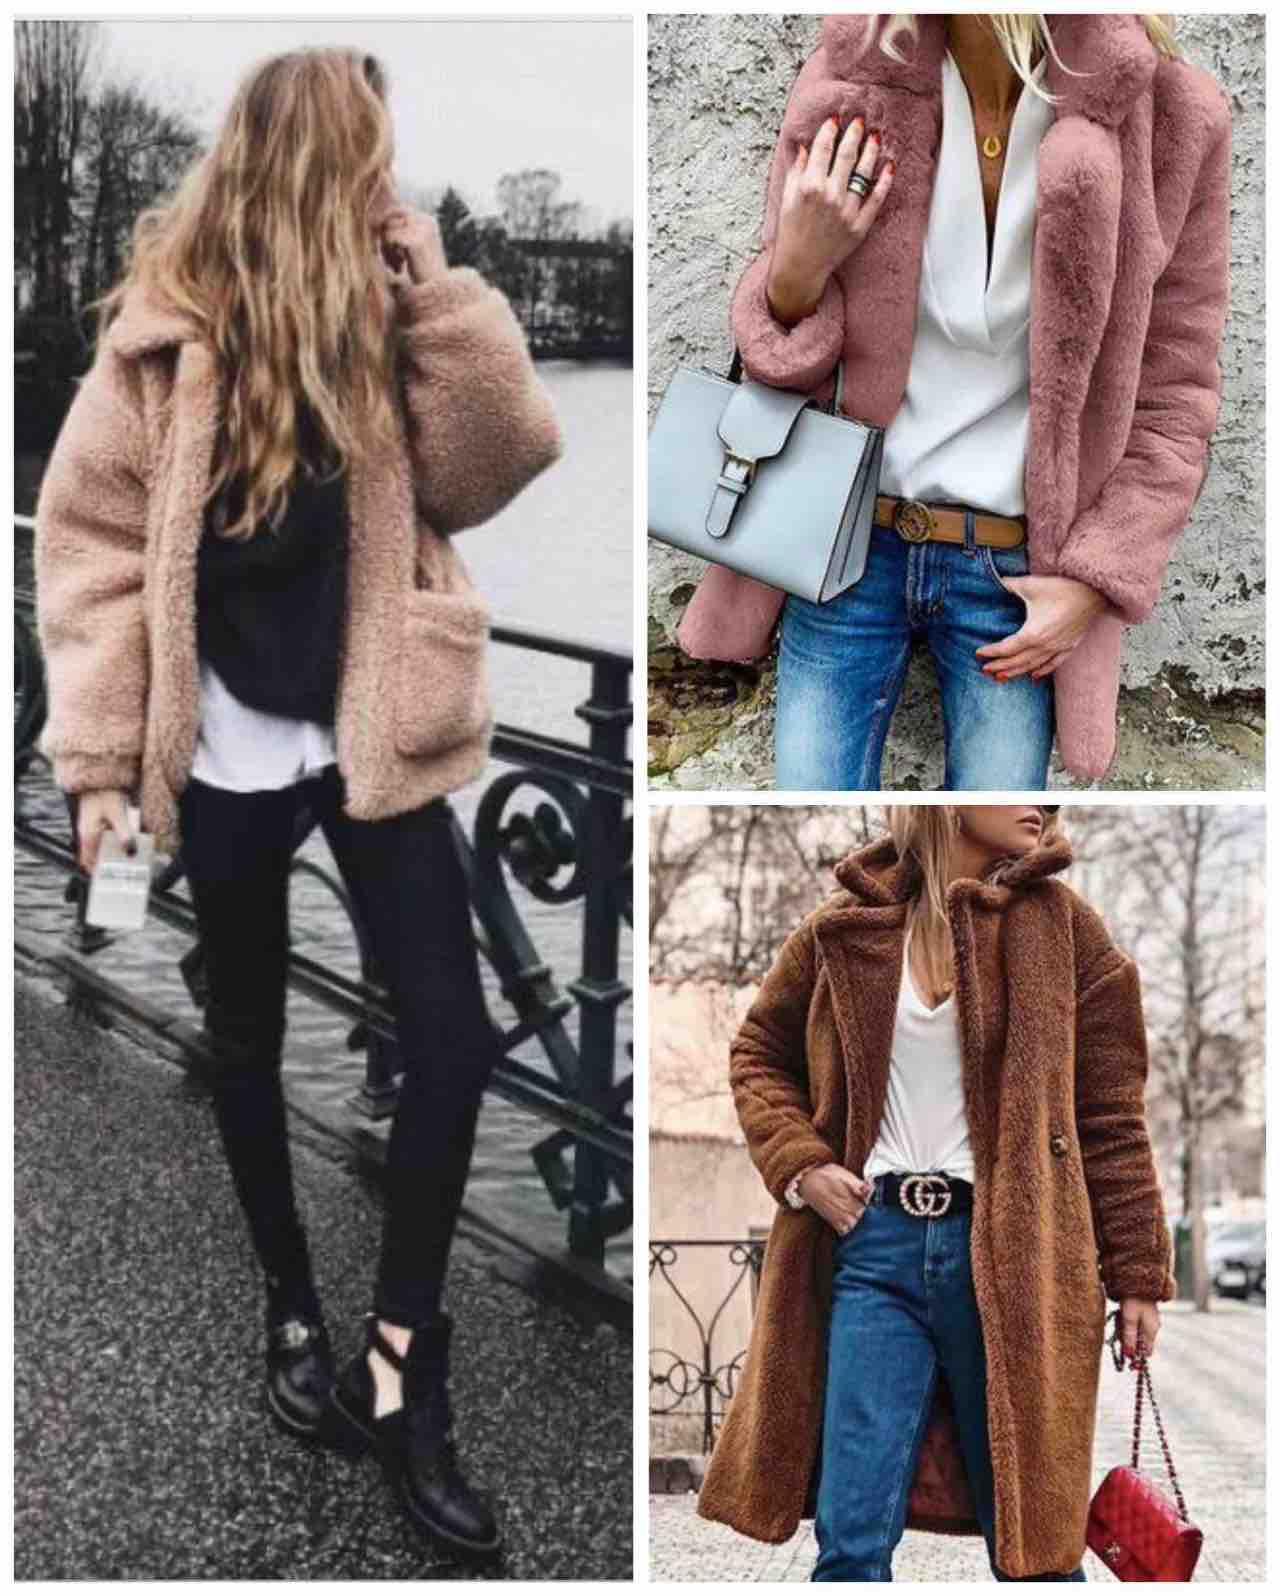 cappotto teddy bear modelli